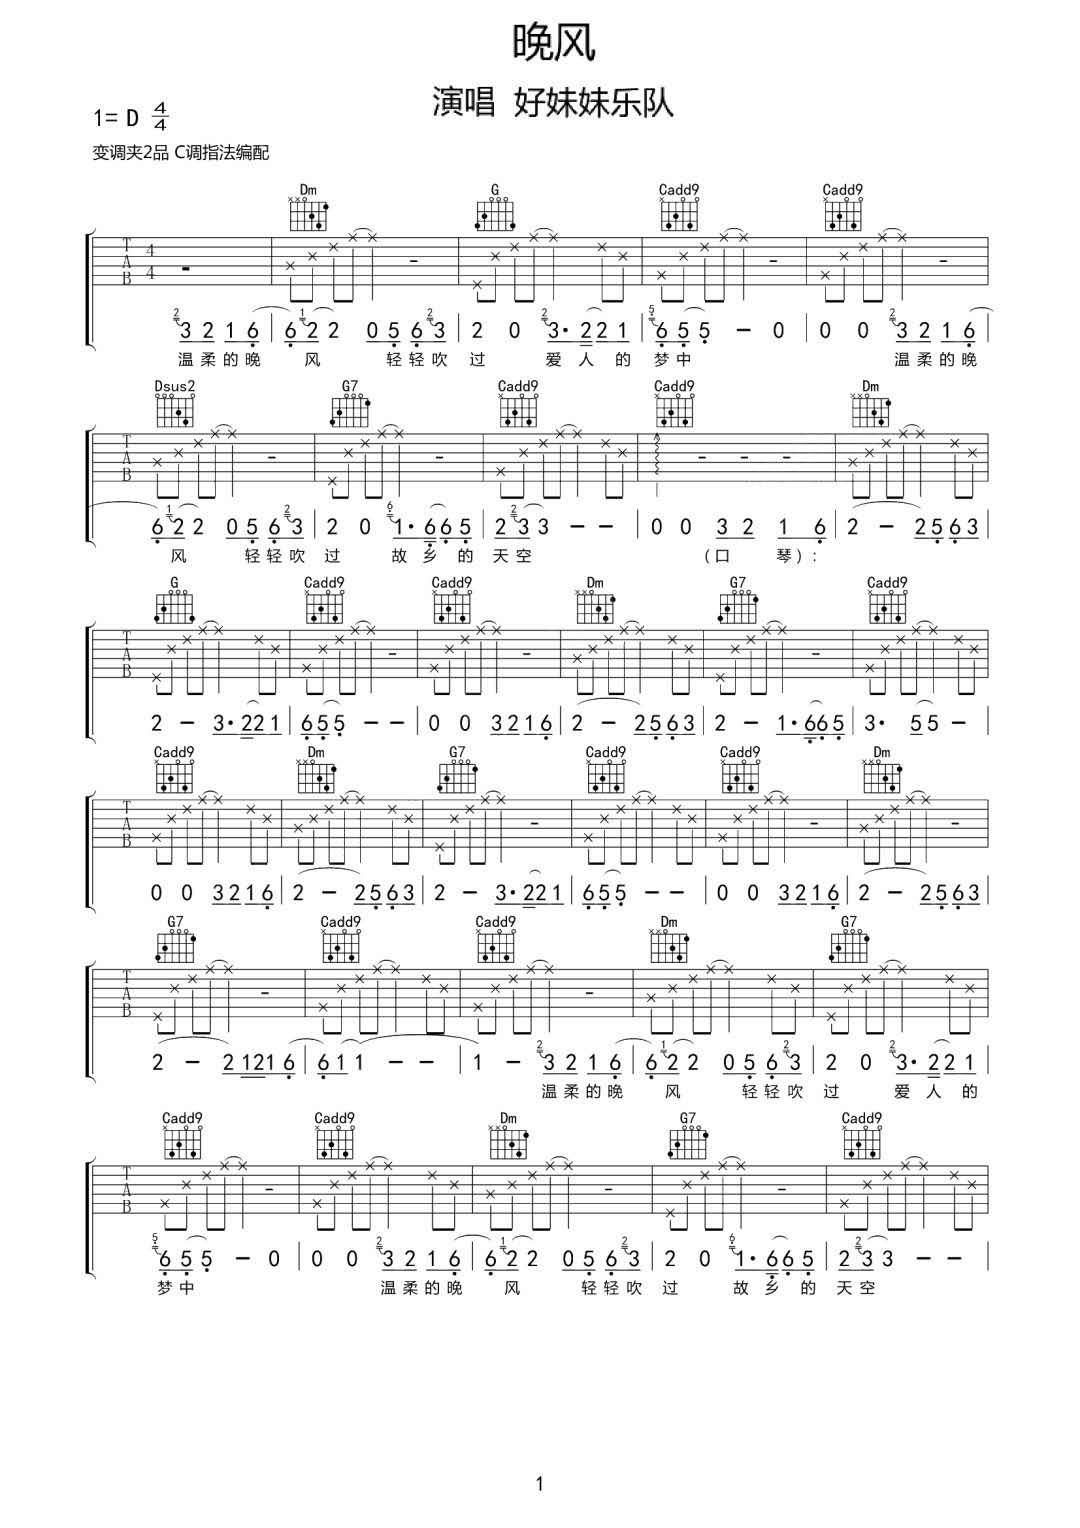 好妹妹乐队《晚风》吉他谱_C调弹唱六线谱图片谱